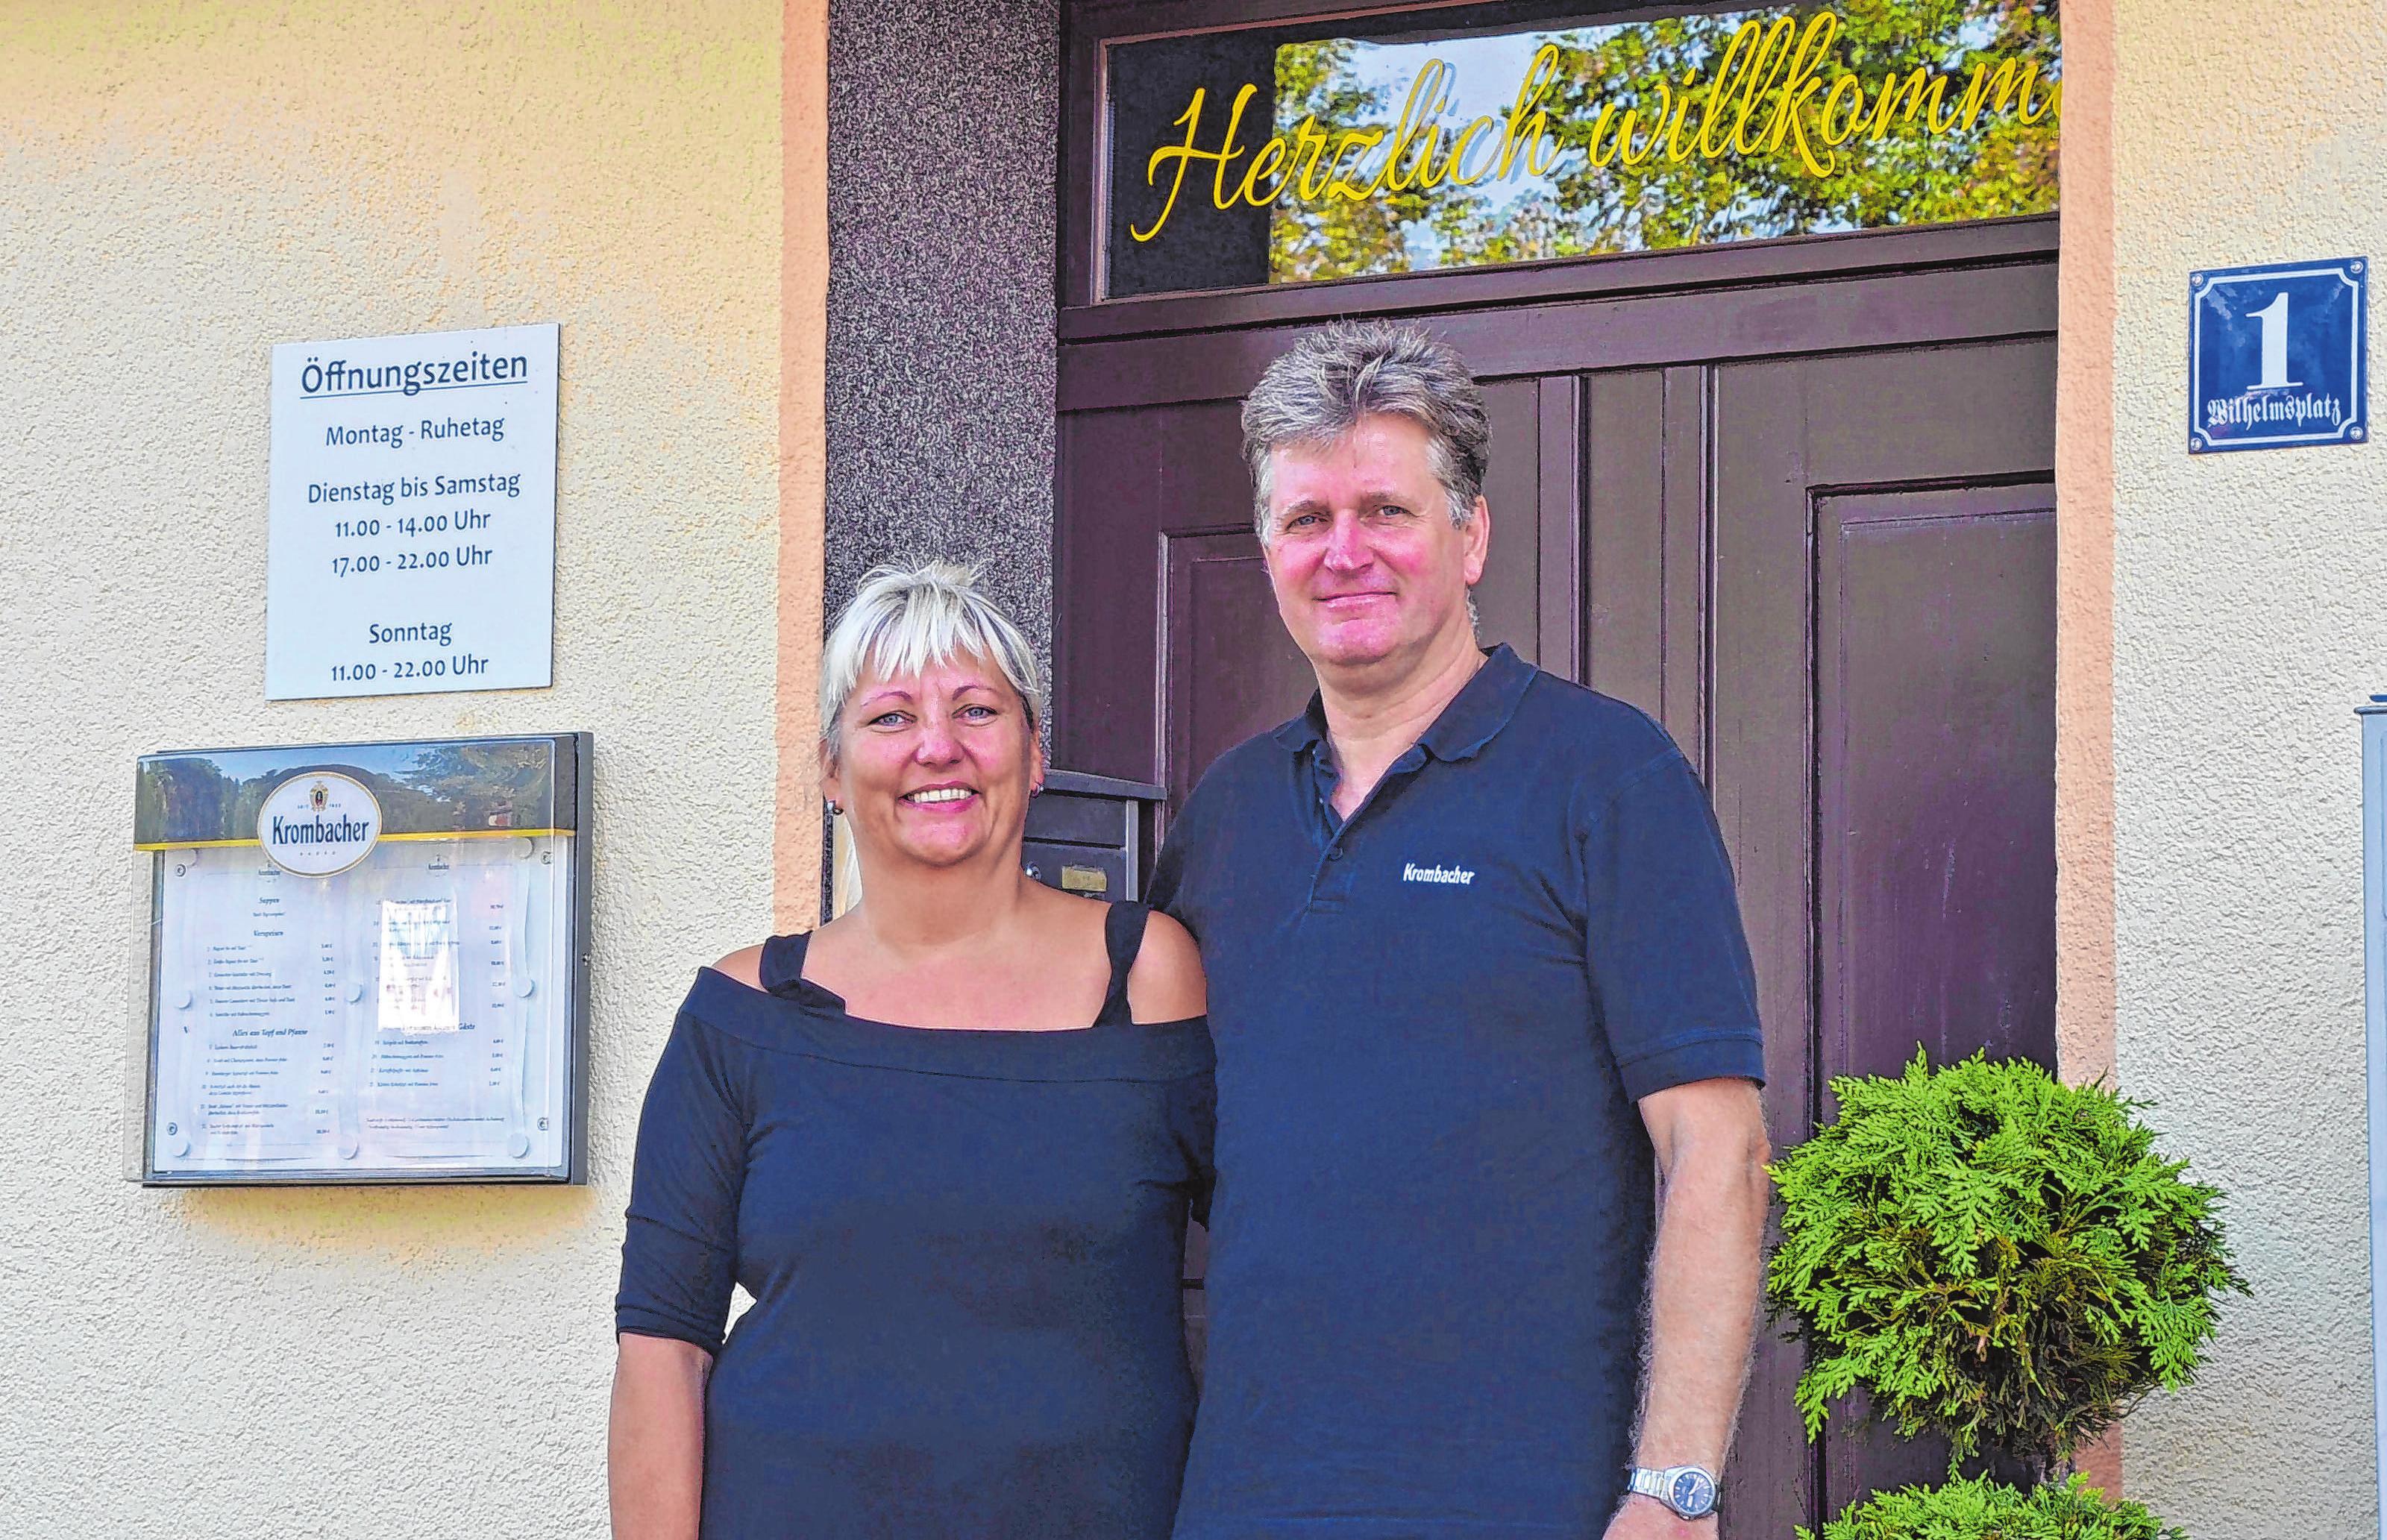 """Kerstin und Andreas Reichert betreiben das Gasthaus """"Zur Sonne"""" in dritter Generation. Kerstin Reichert hat das Lokal von ihren Eltern übernommen. Foto: Vanessa Engel"""